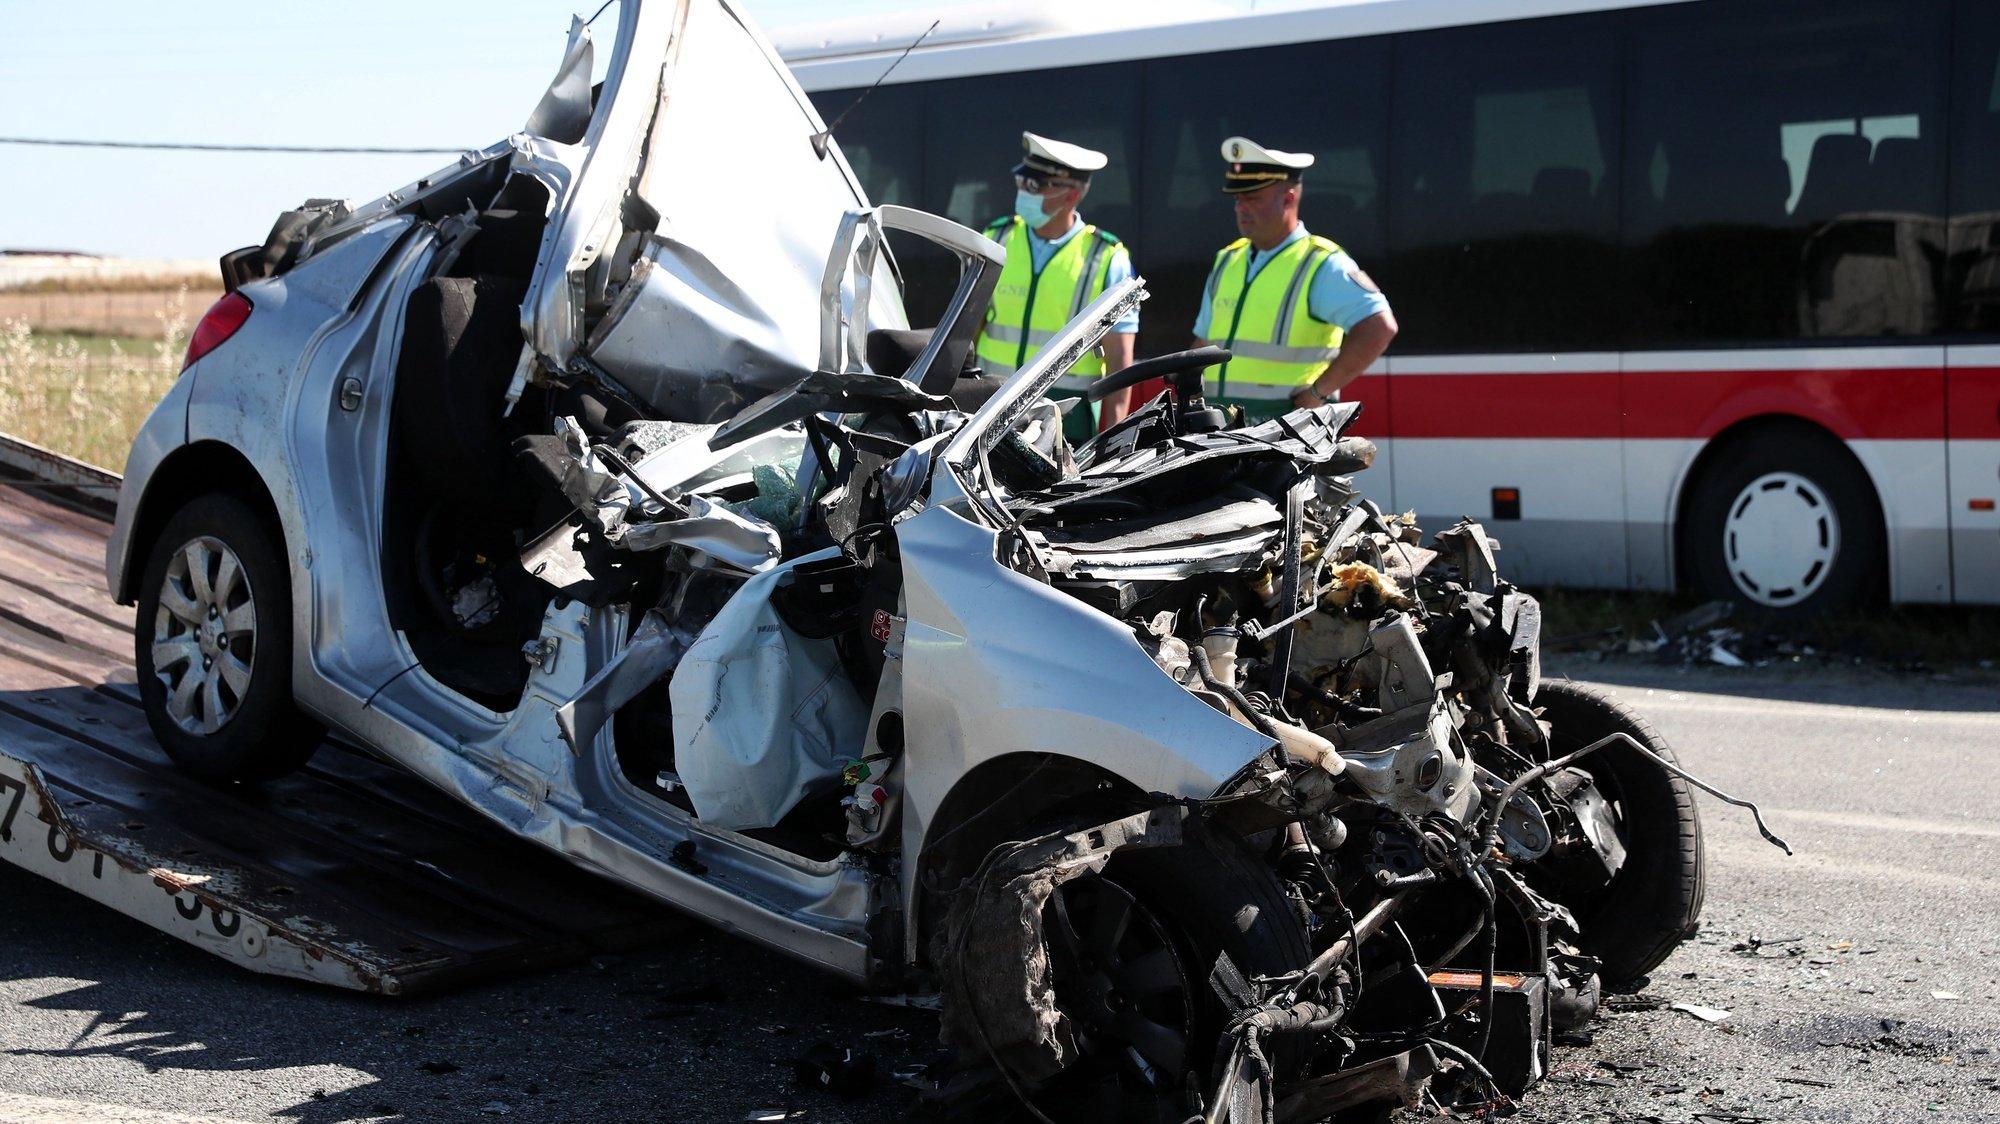 Técnicos colocam num reboque o automóvel ligeiro que colidiu com um autocarro da Rodoviária Nacional, provocando a morte ao condutor do ligeiro e ferimentos leves ao condutor do autocarro, que transportava vários passageiros. O acidente deu-se na Estrada Nacional (EN) 18, na zona de Monte Trigo, concelho de Évora, 25 de maio de 2021. NUNO VEIGA/LUSA